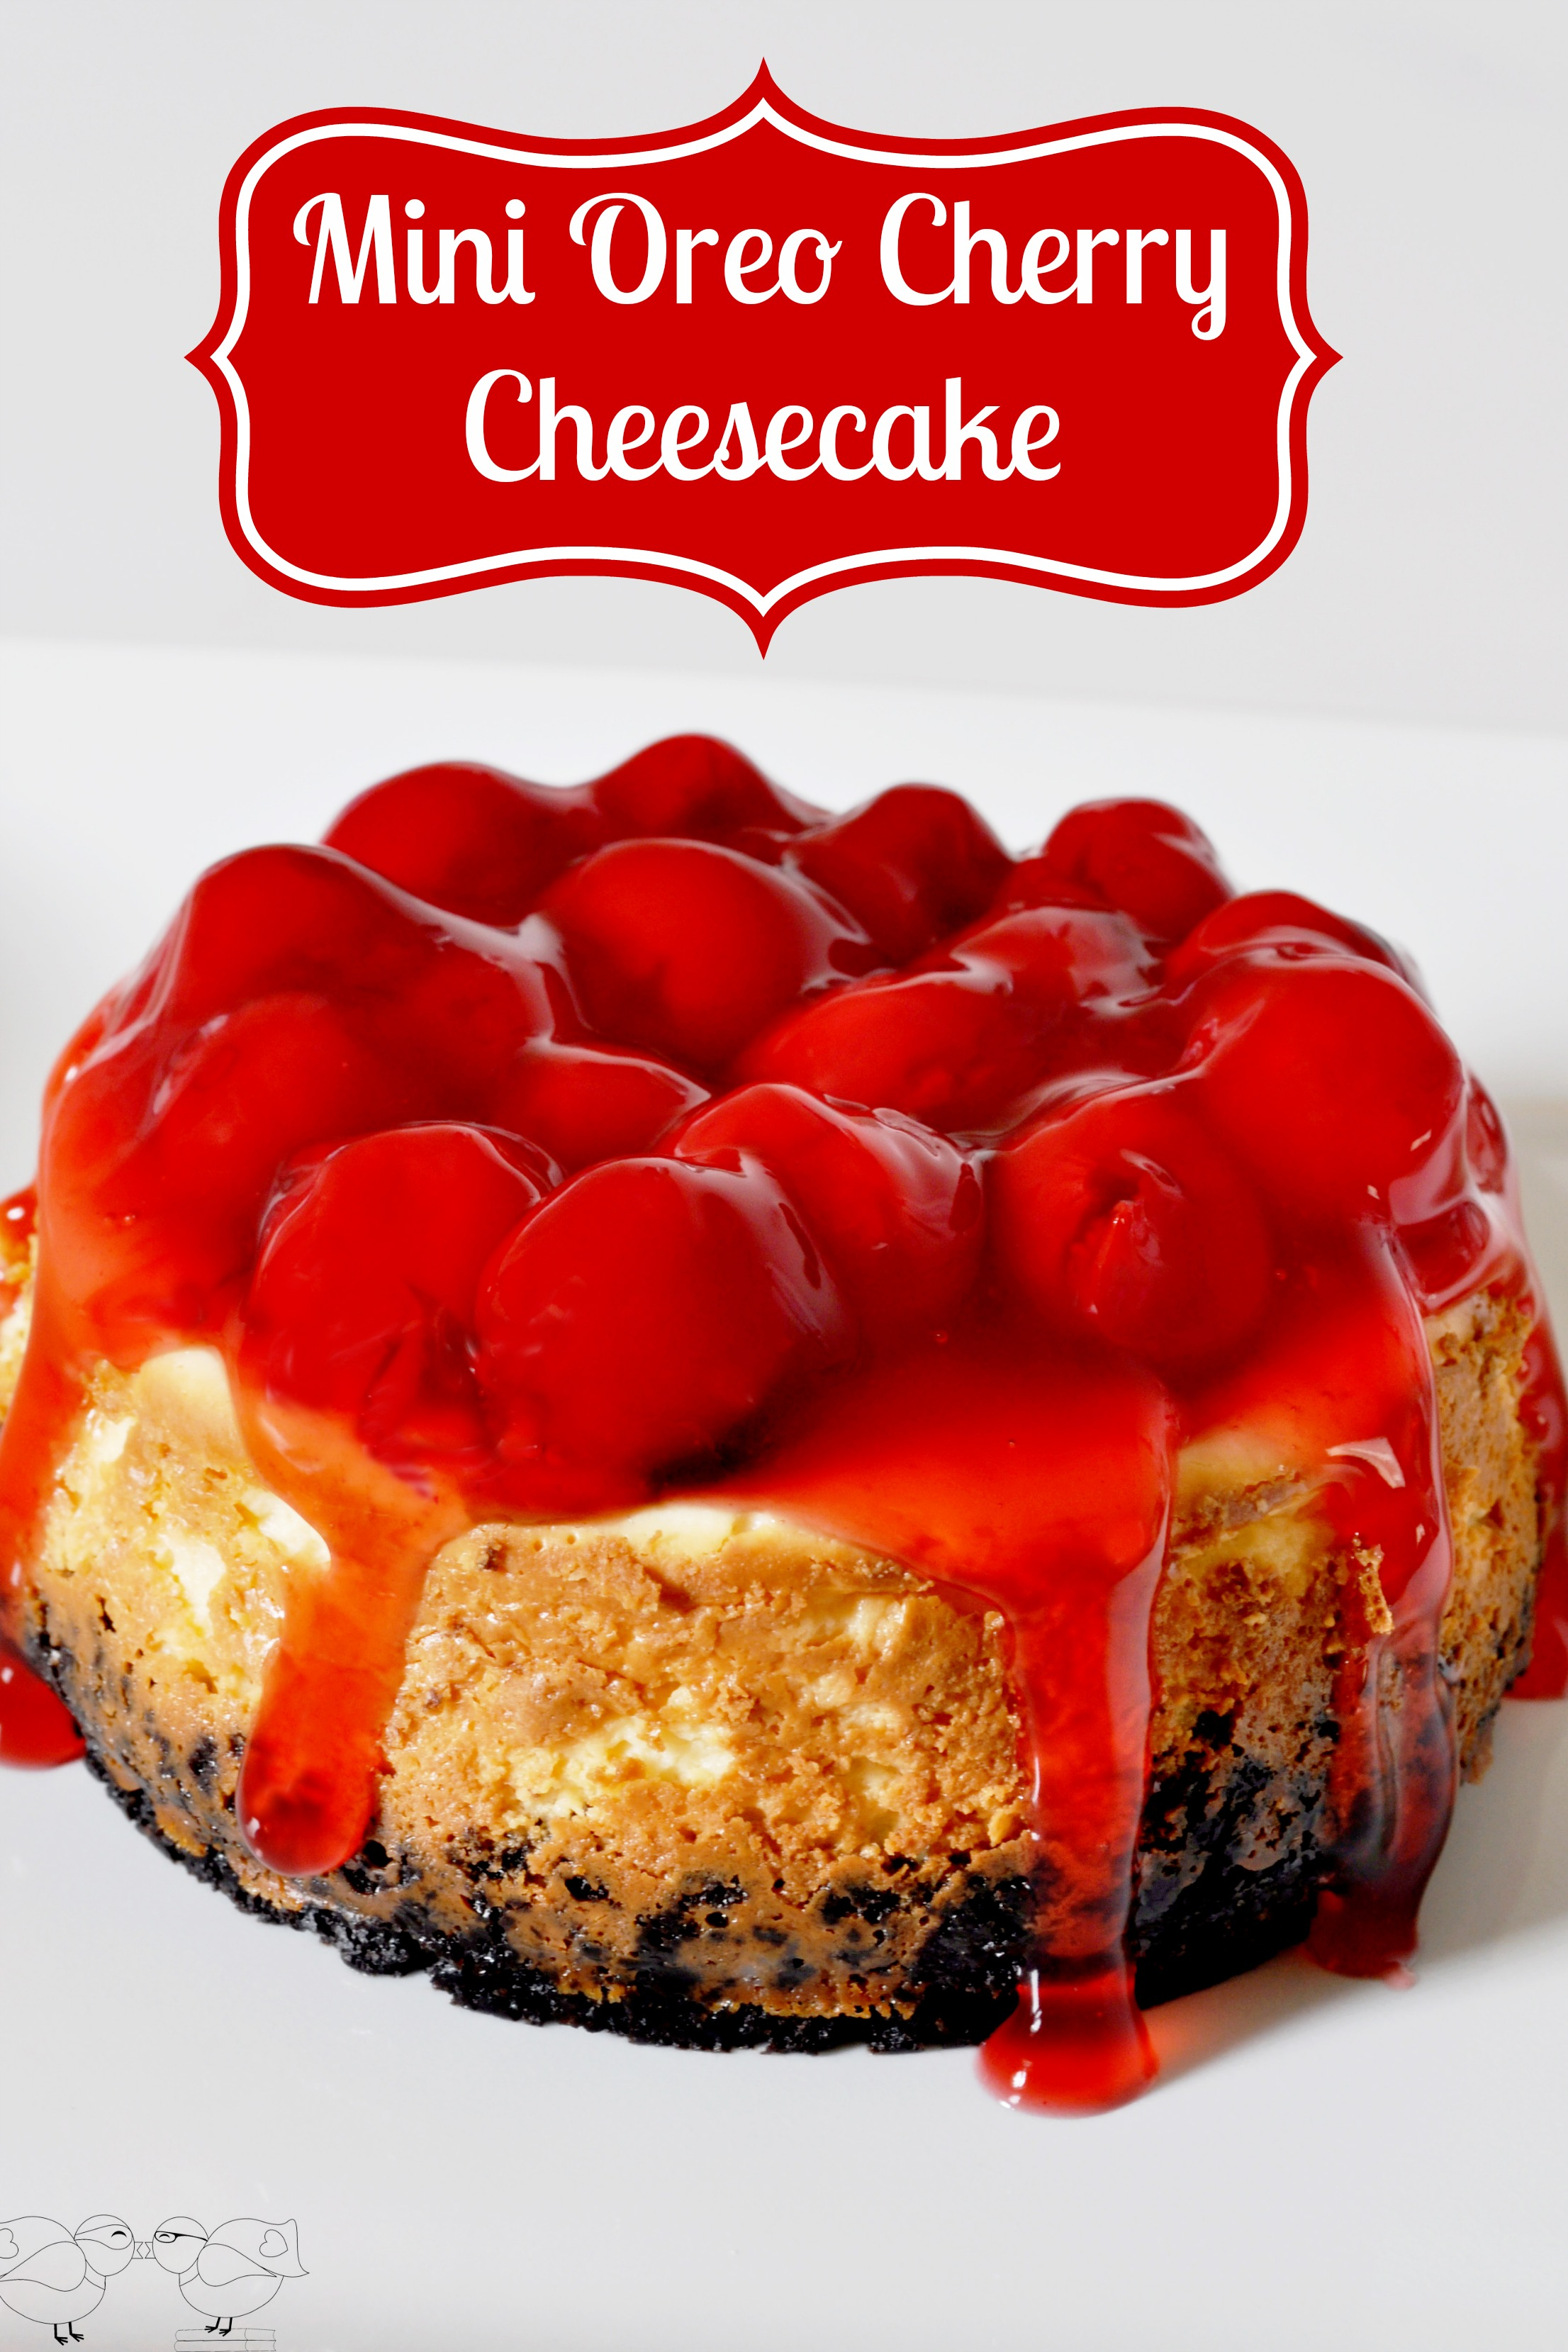 Mini Oreo Cherry Cheescake